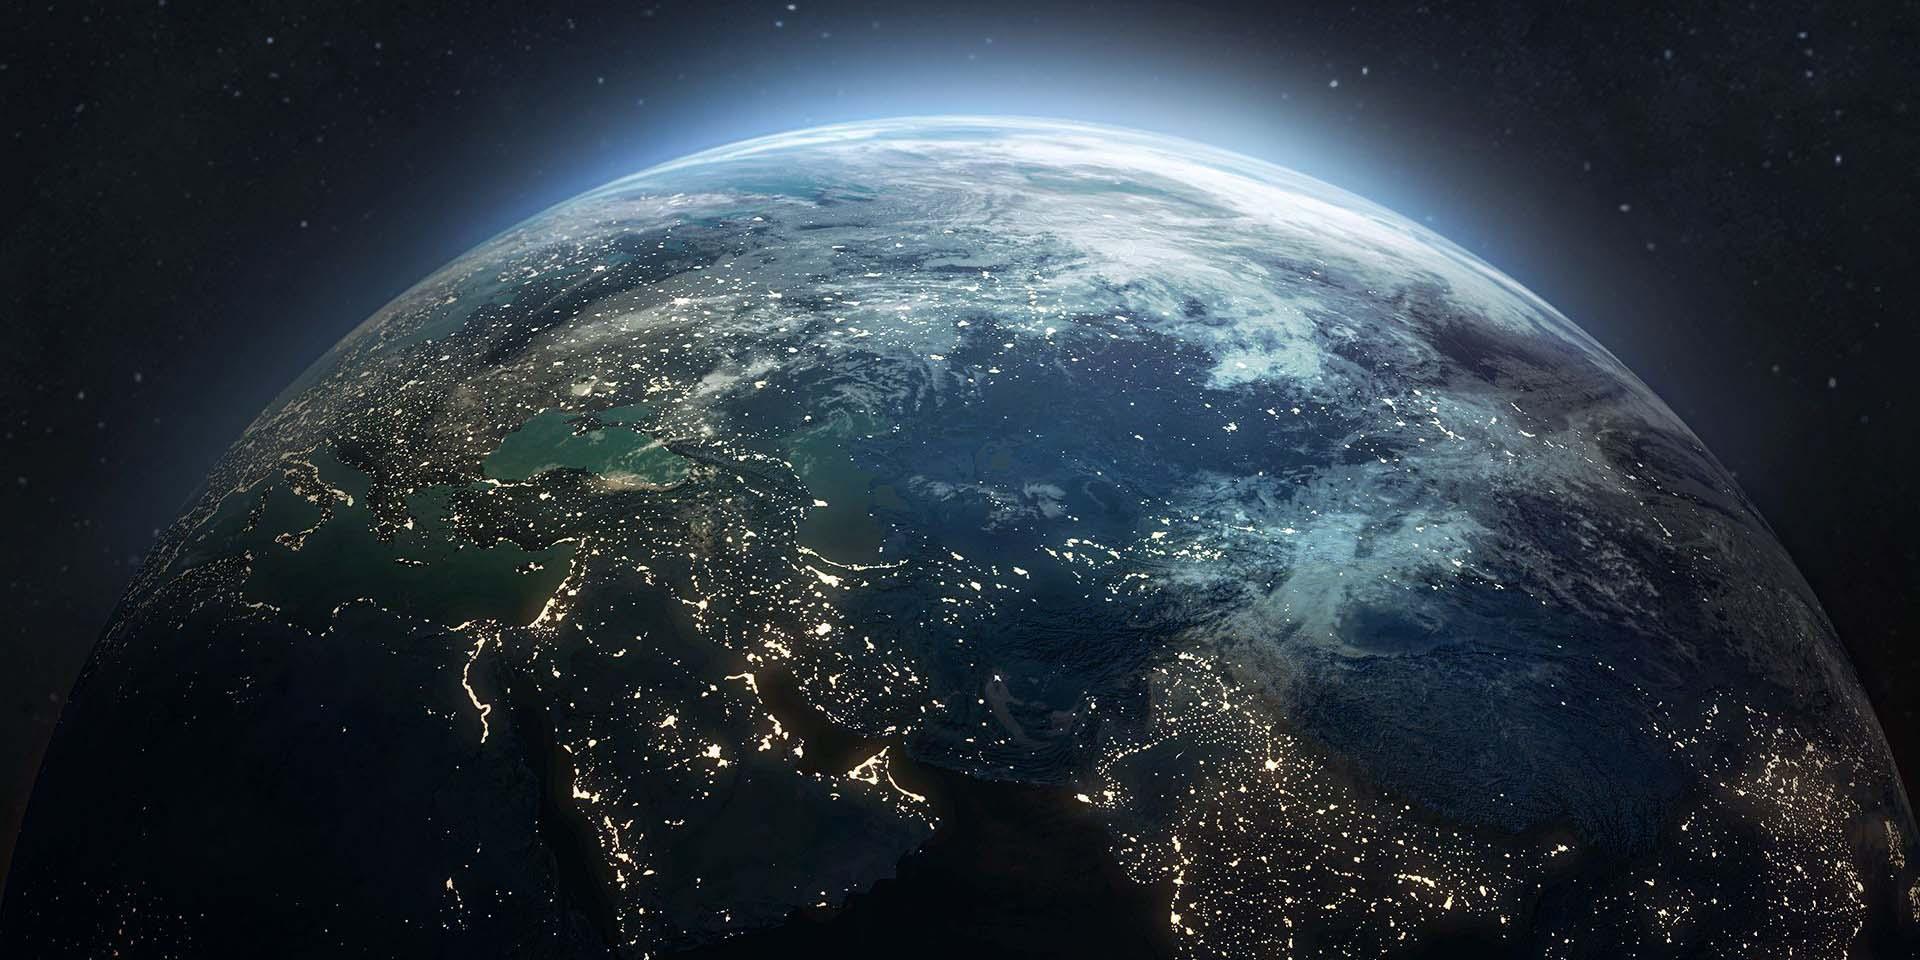 Hito astronómico: Hoy la Tierra está girando a su velocidad mínima | El Imparcial de Oaxaca